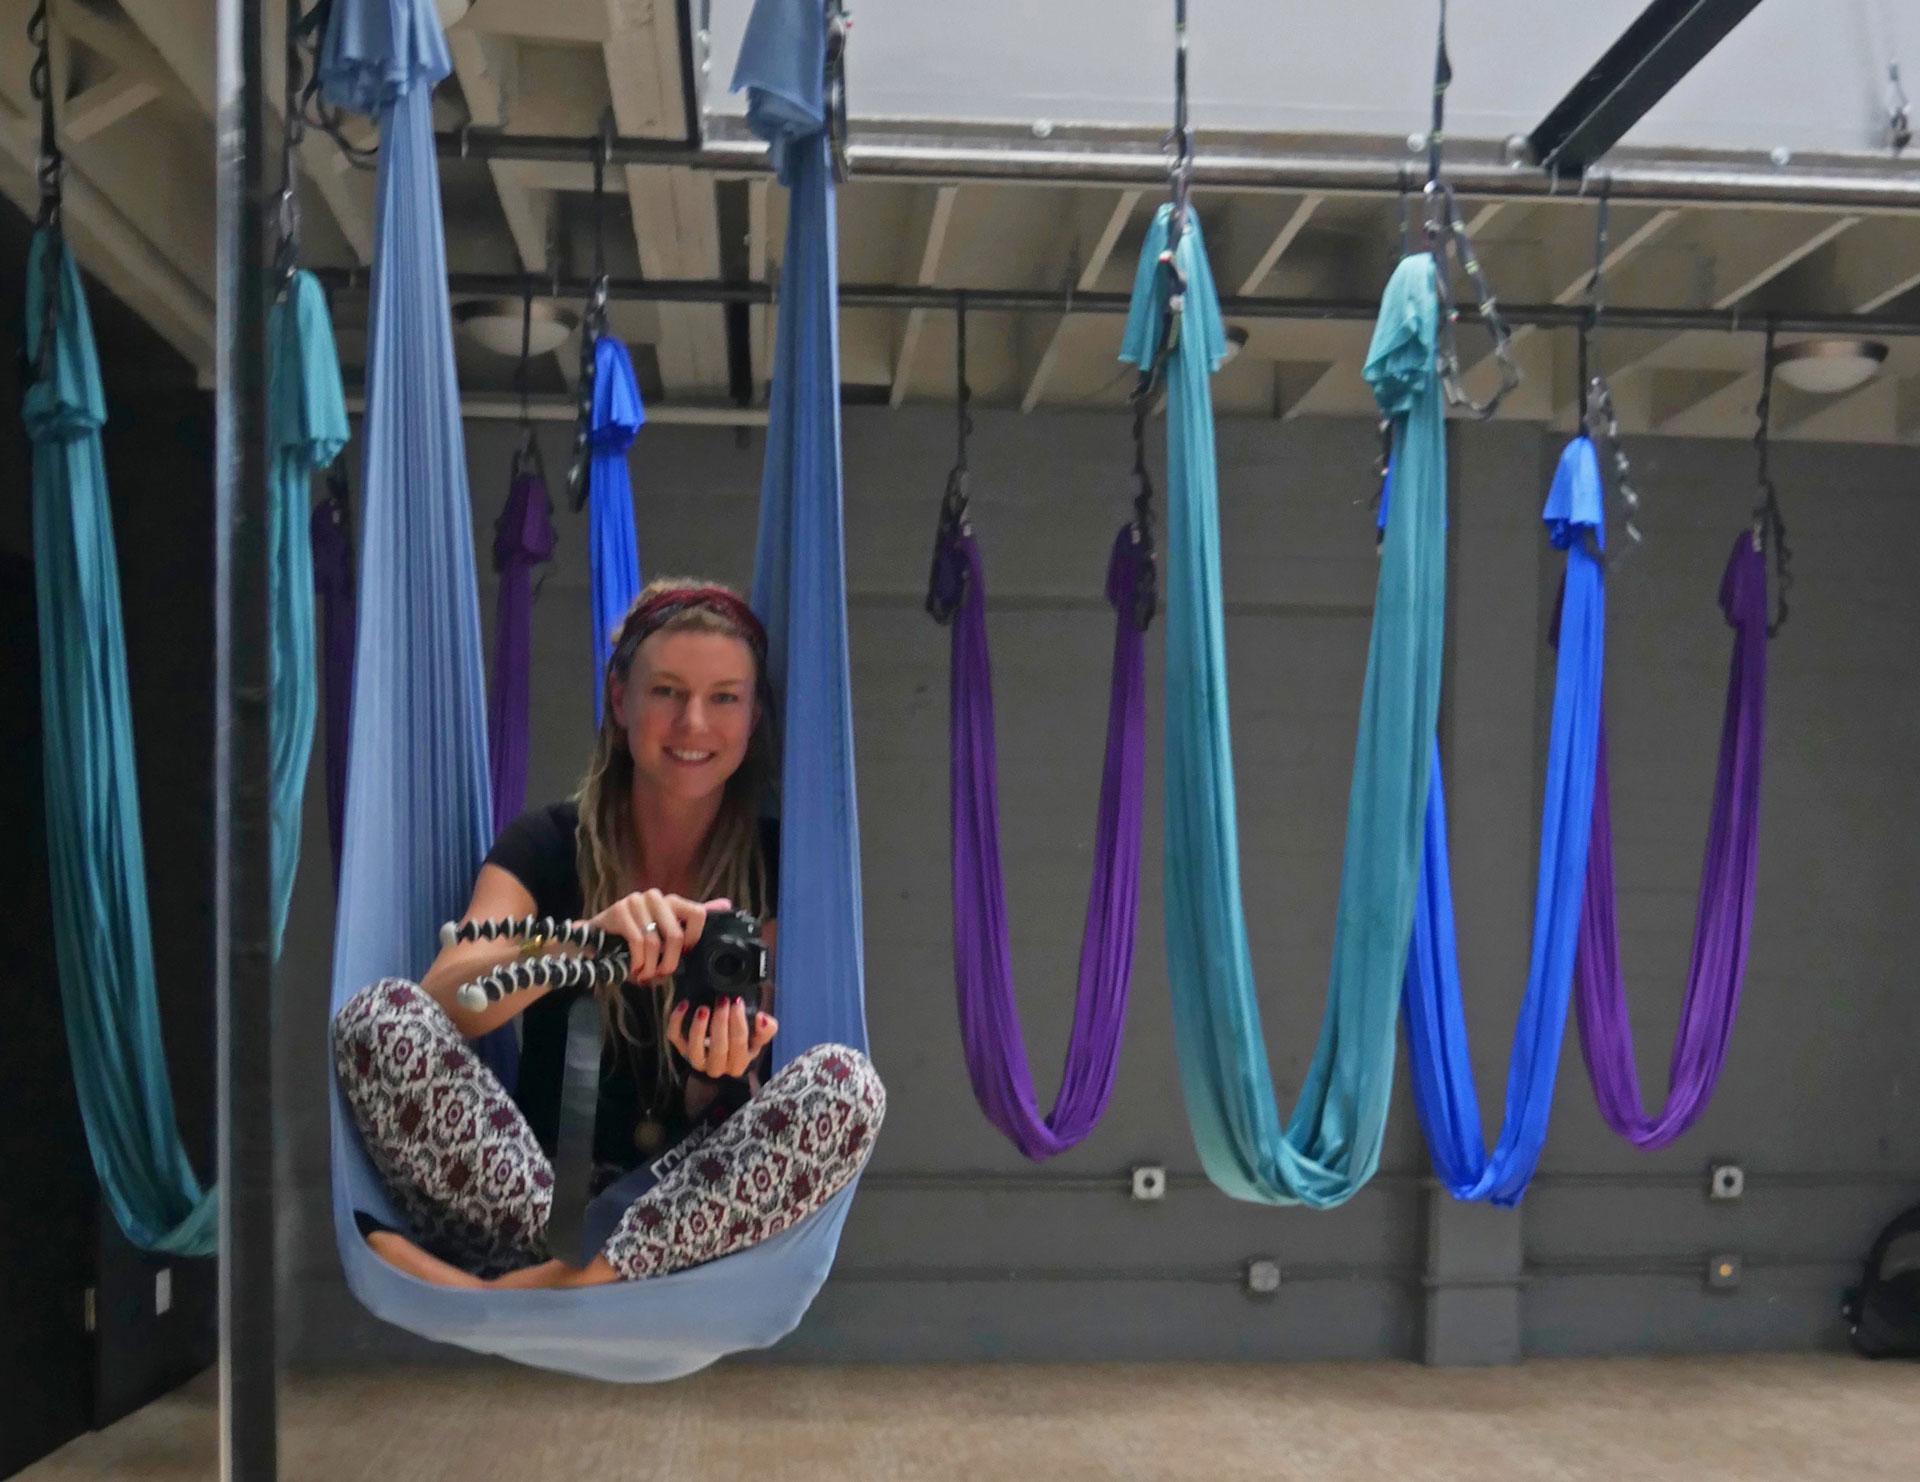 Rasta girl in aerial yoga hammock at studio in San Francisco, CA